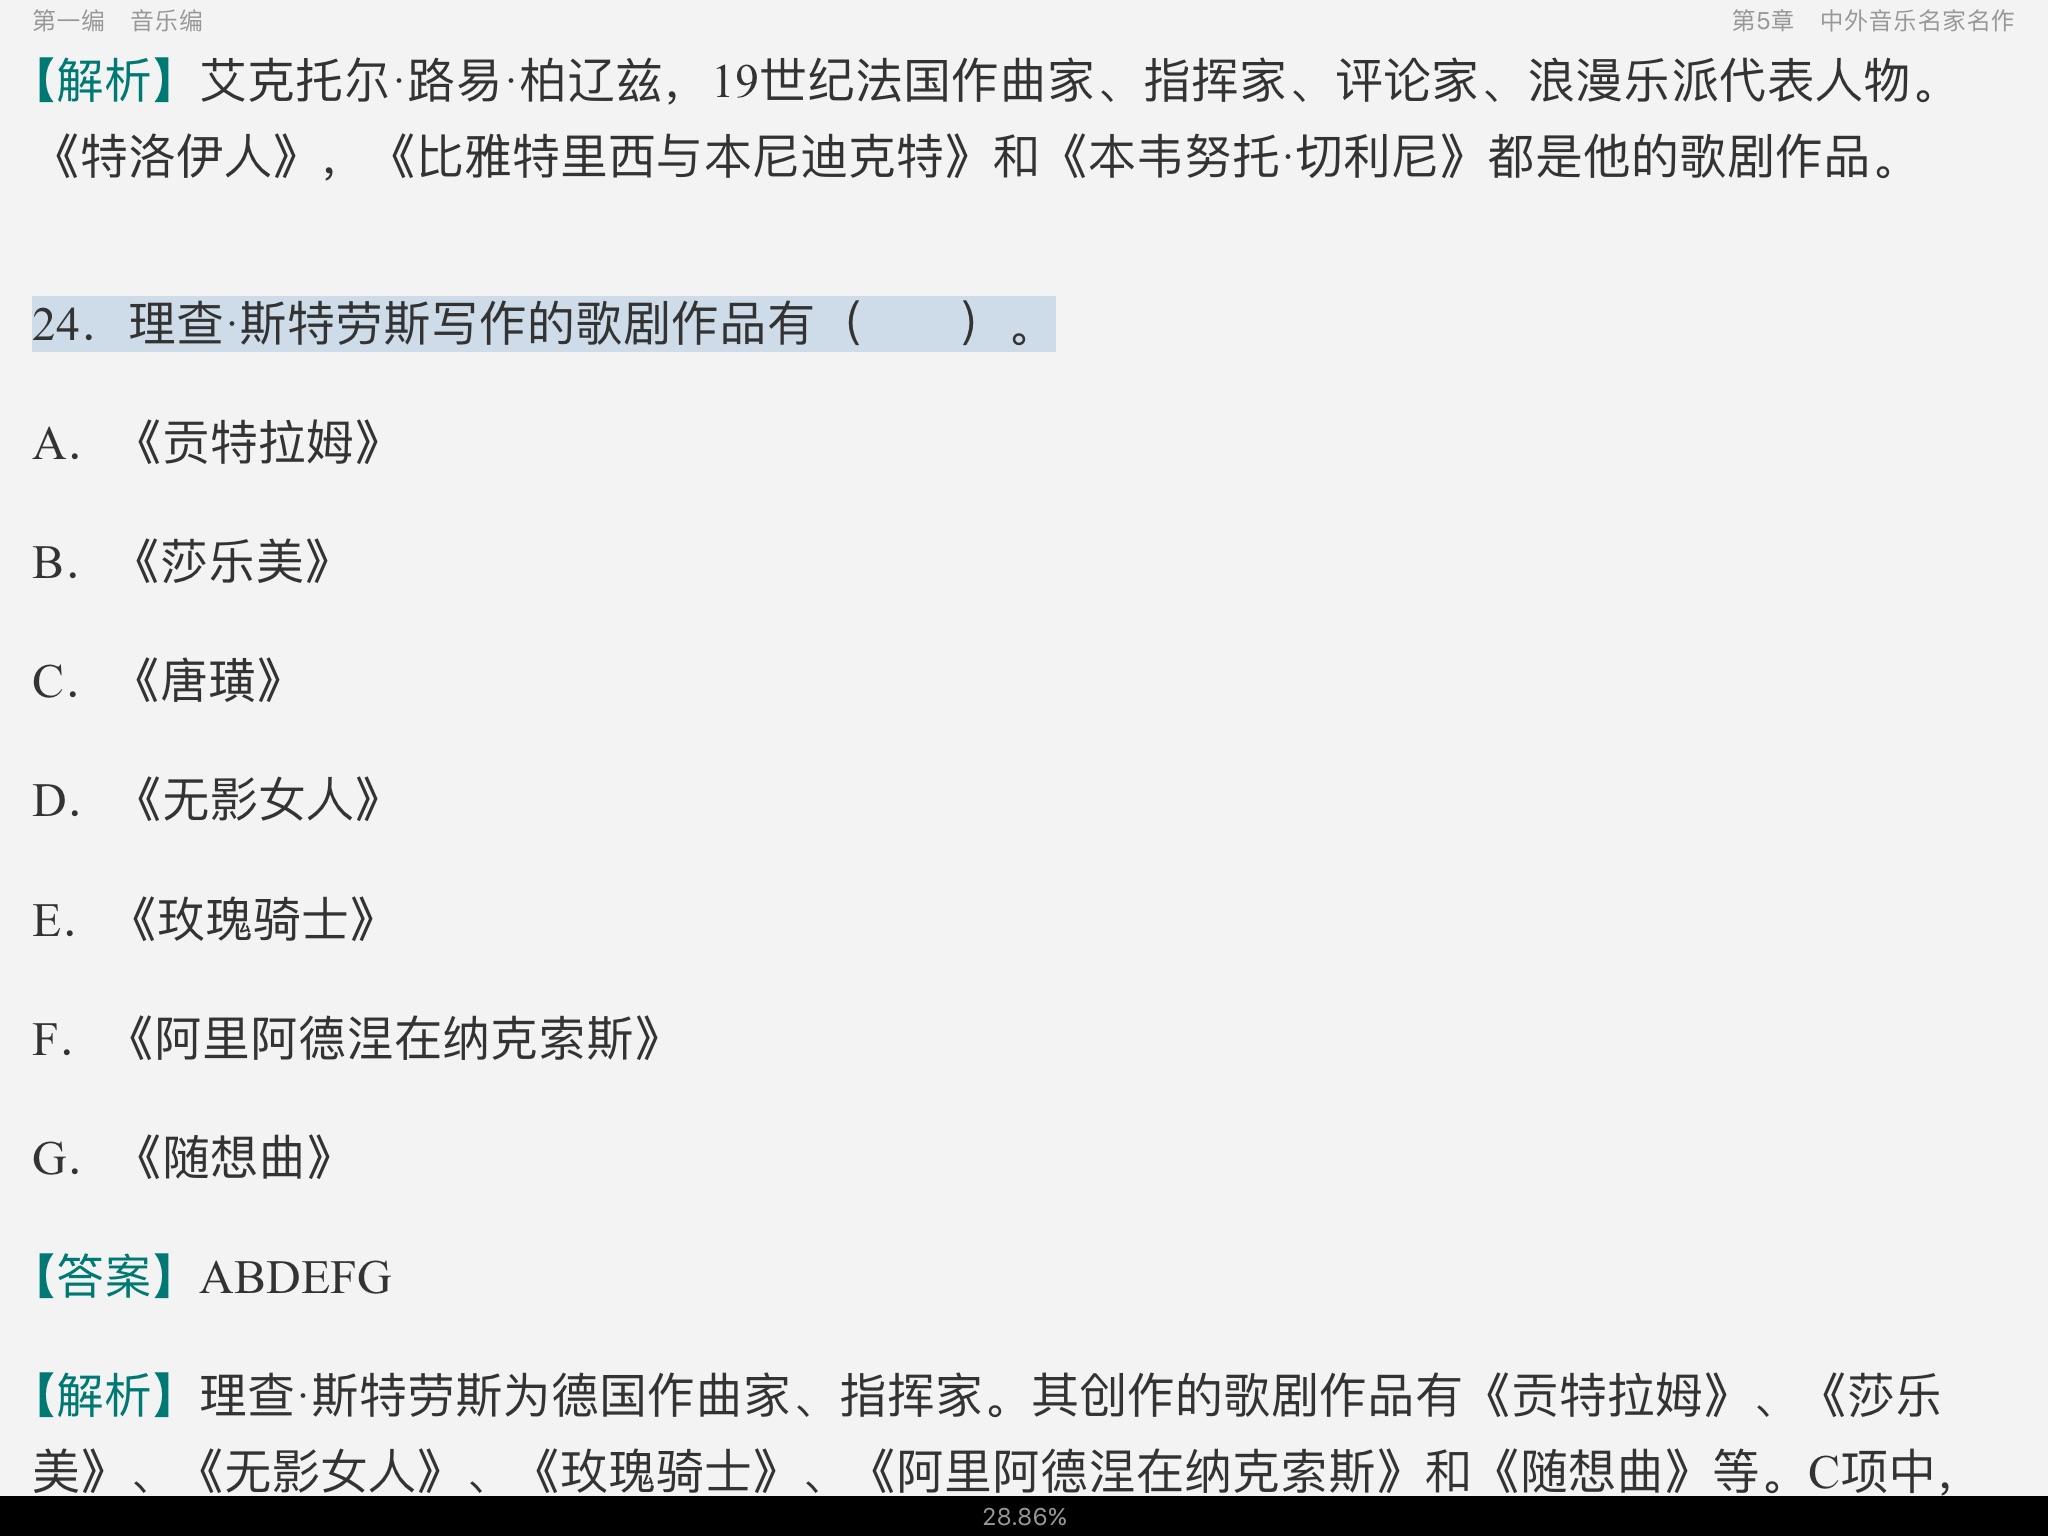 王次炤《艺术学基础知识》配套题库【名校考研真题+章节题库+模拟试题】